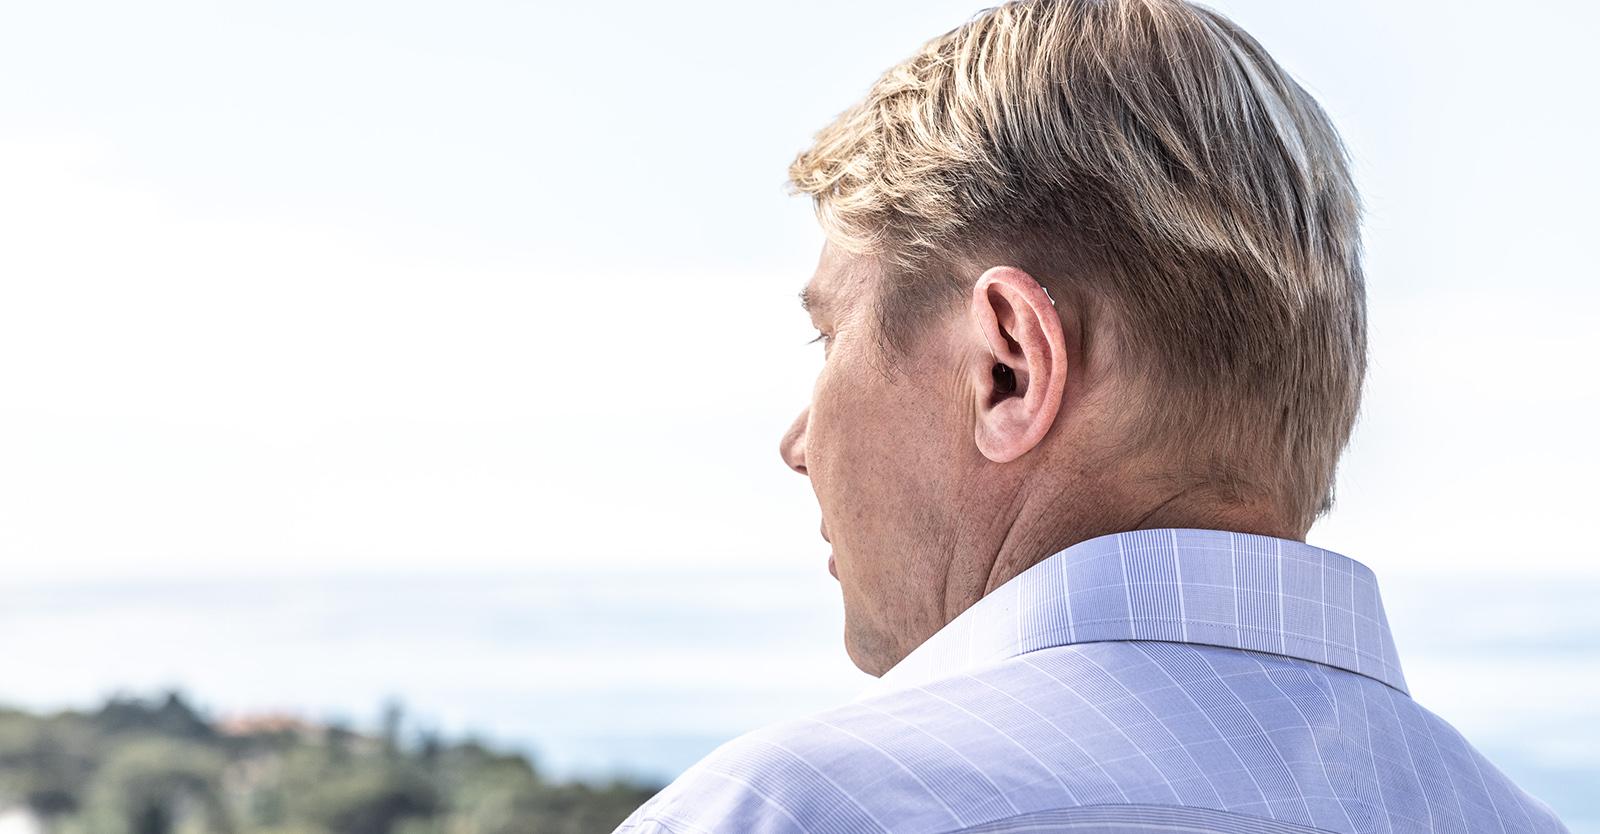 Mika Haekkinen in Hemd mit Blick auf die Landschaft